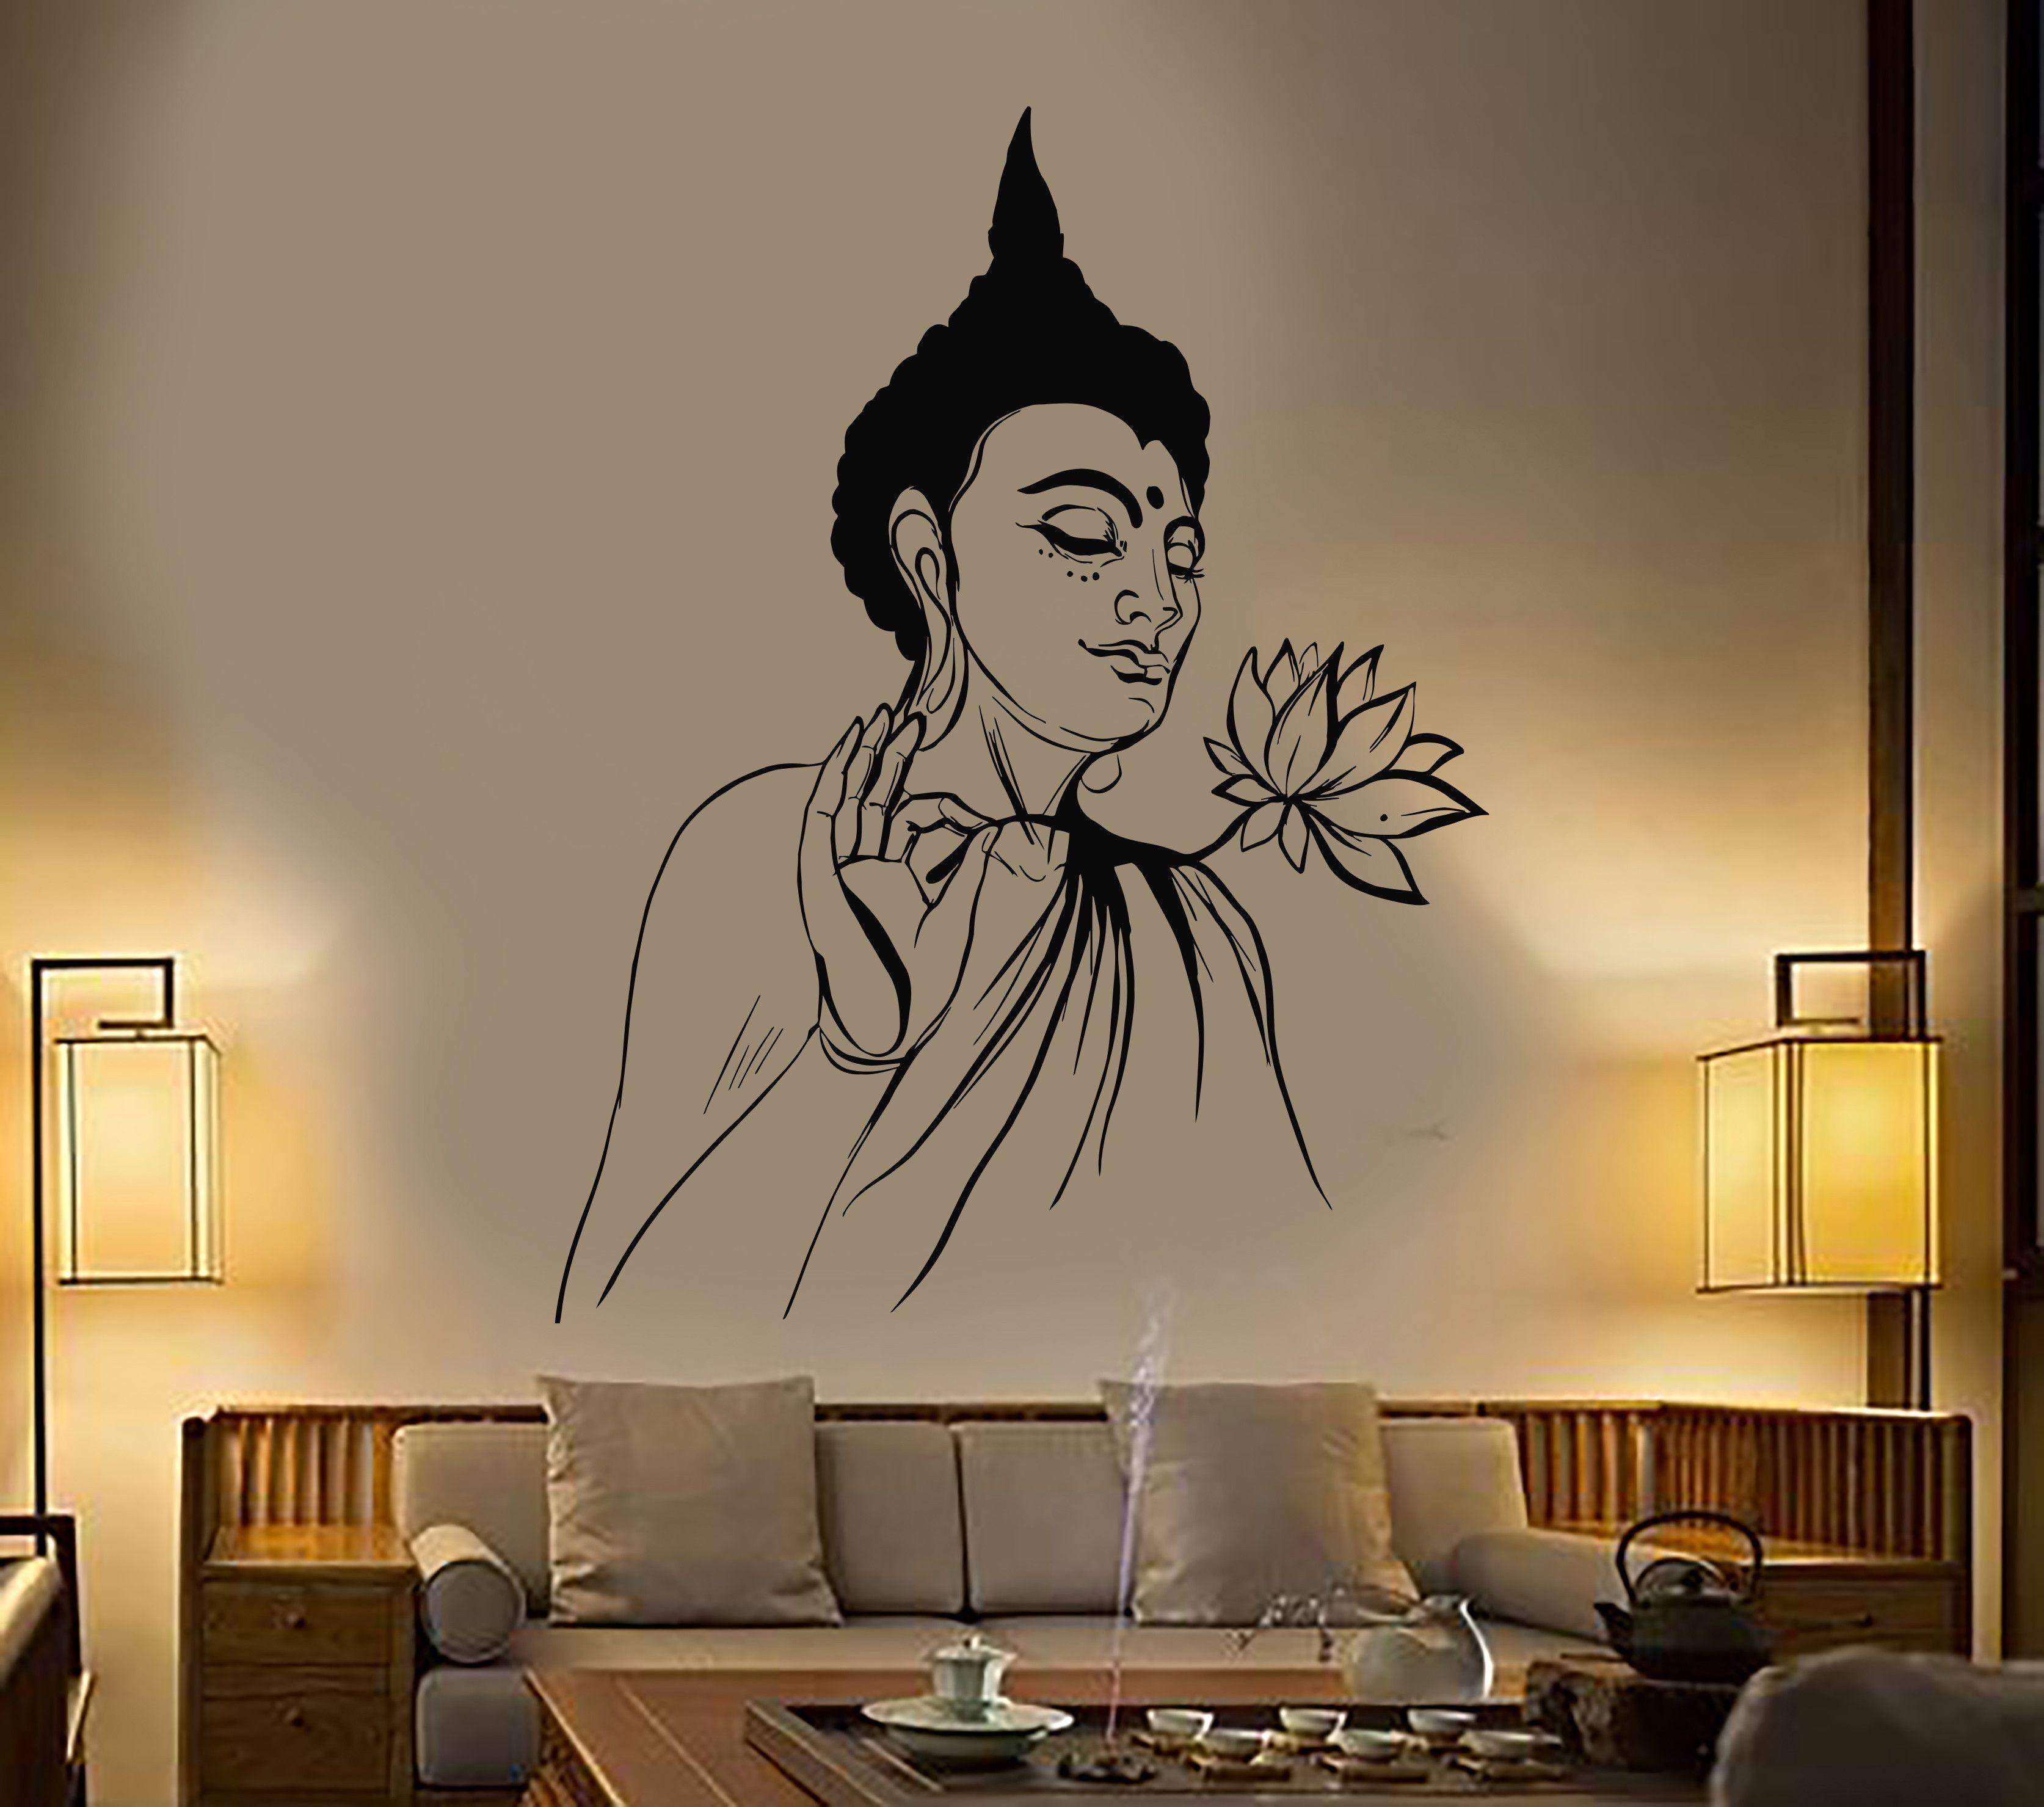 Vinyl Wall Decal Buddha Lotus Flower Buddhism Yoga